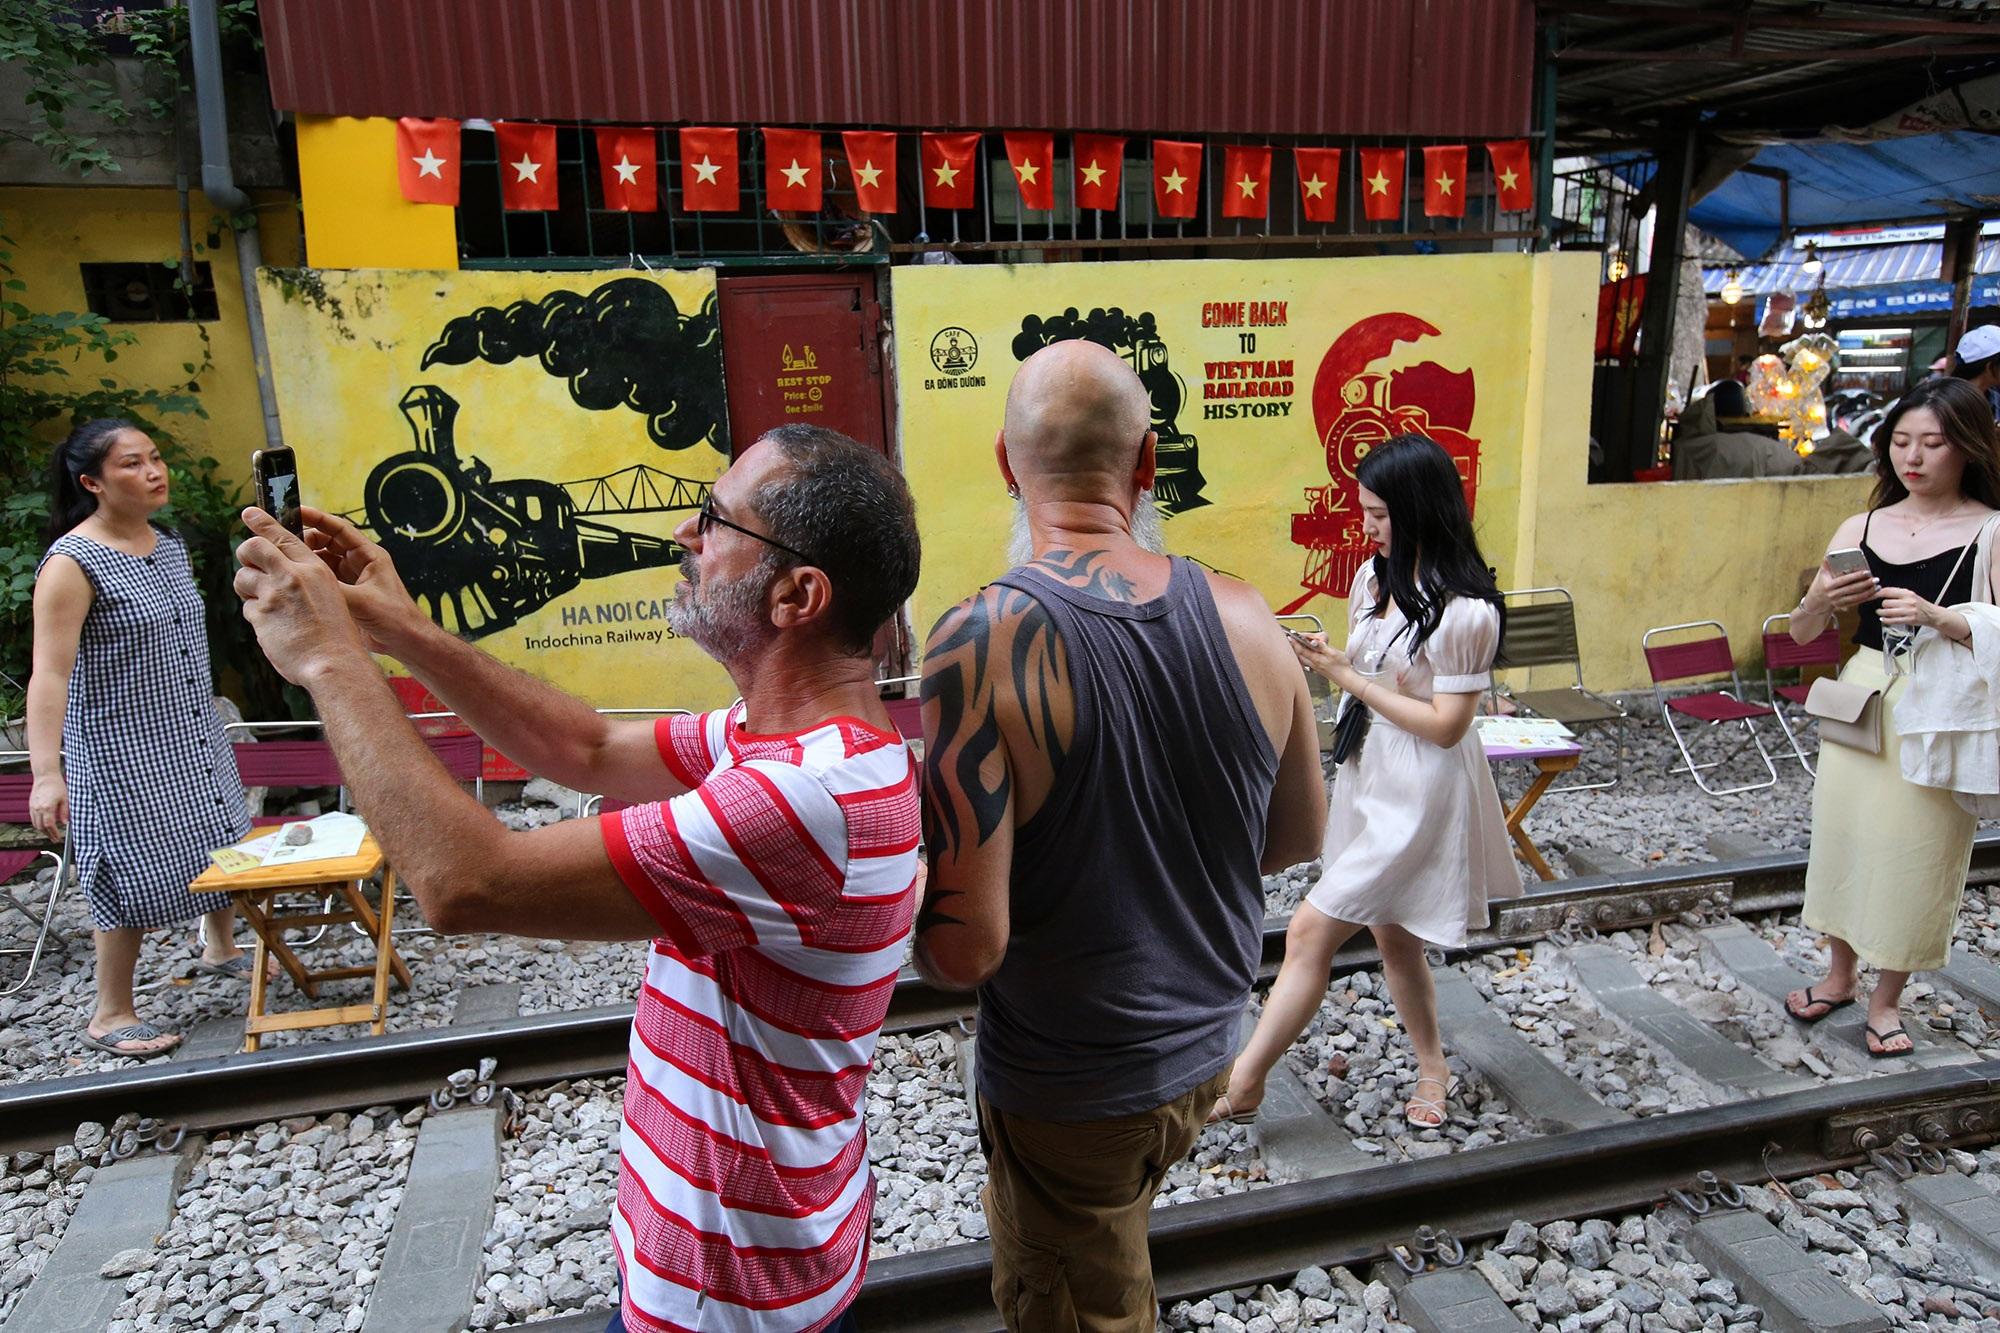 Xóm đường tàu lên đời thành điểm du lịch hấp dẫn ở Hà Nội - 5